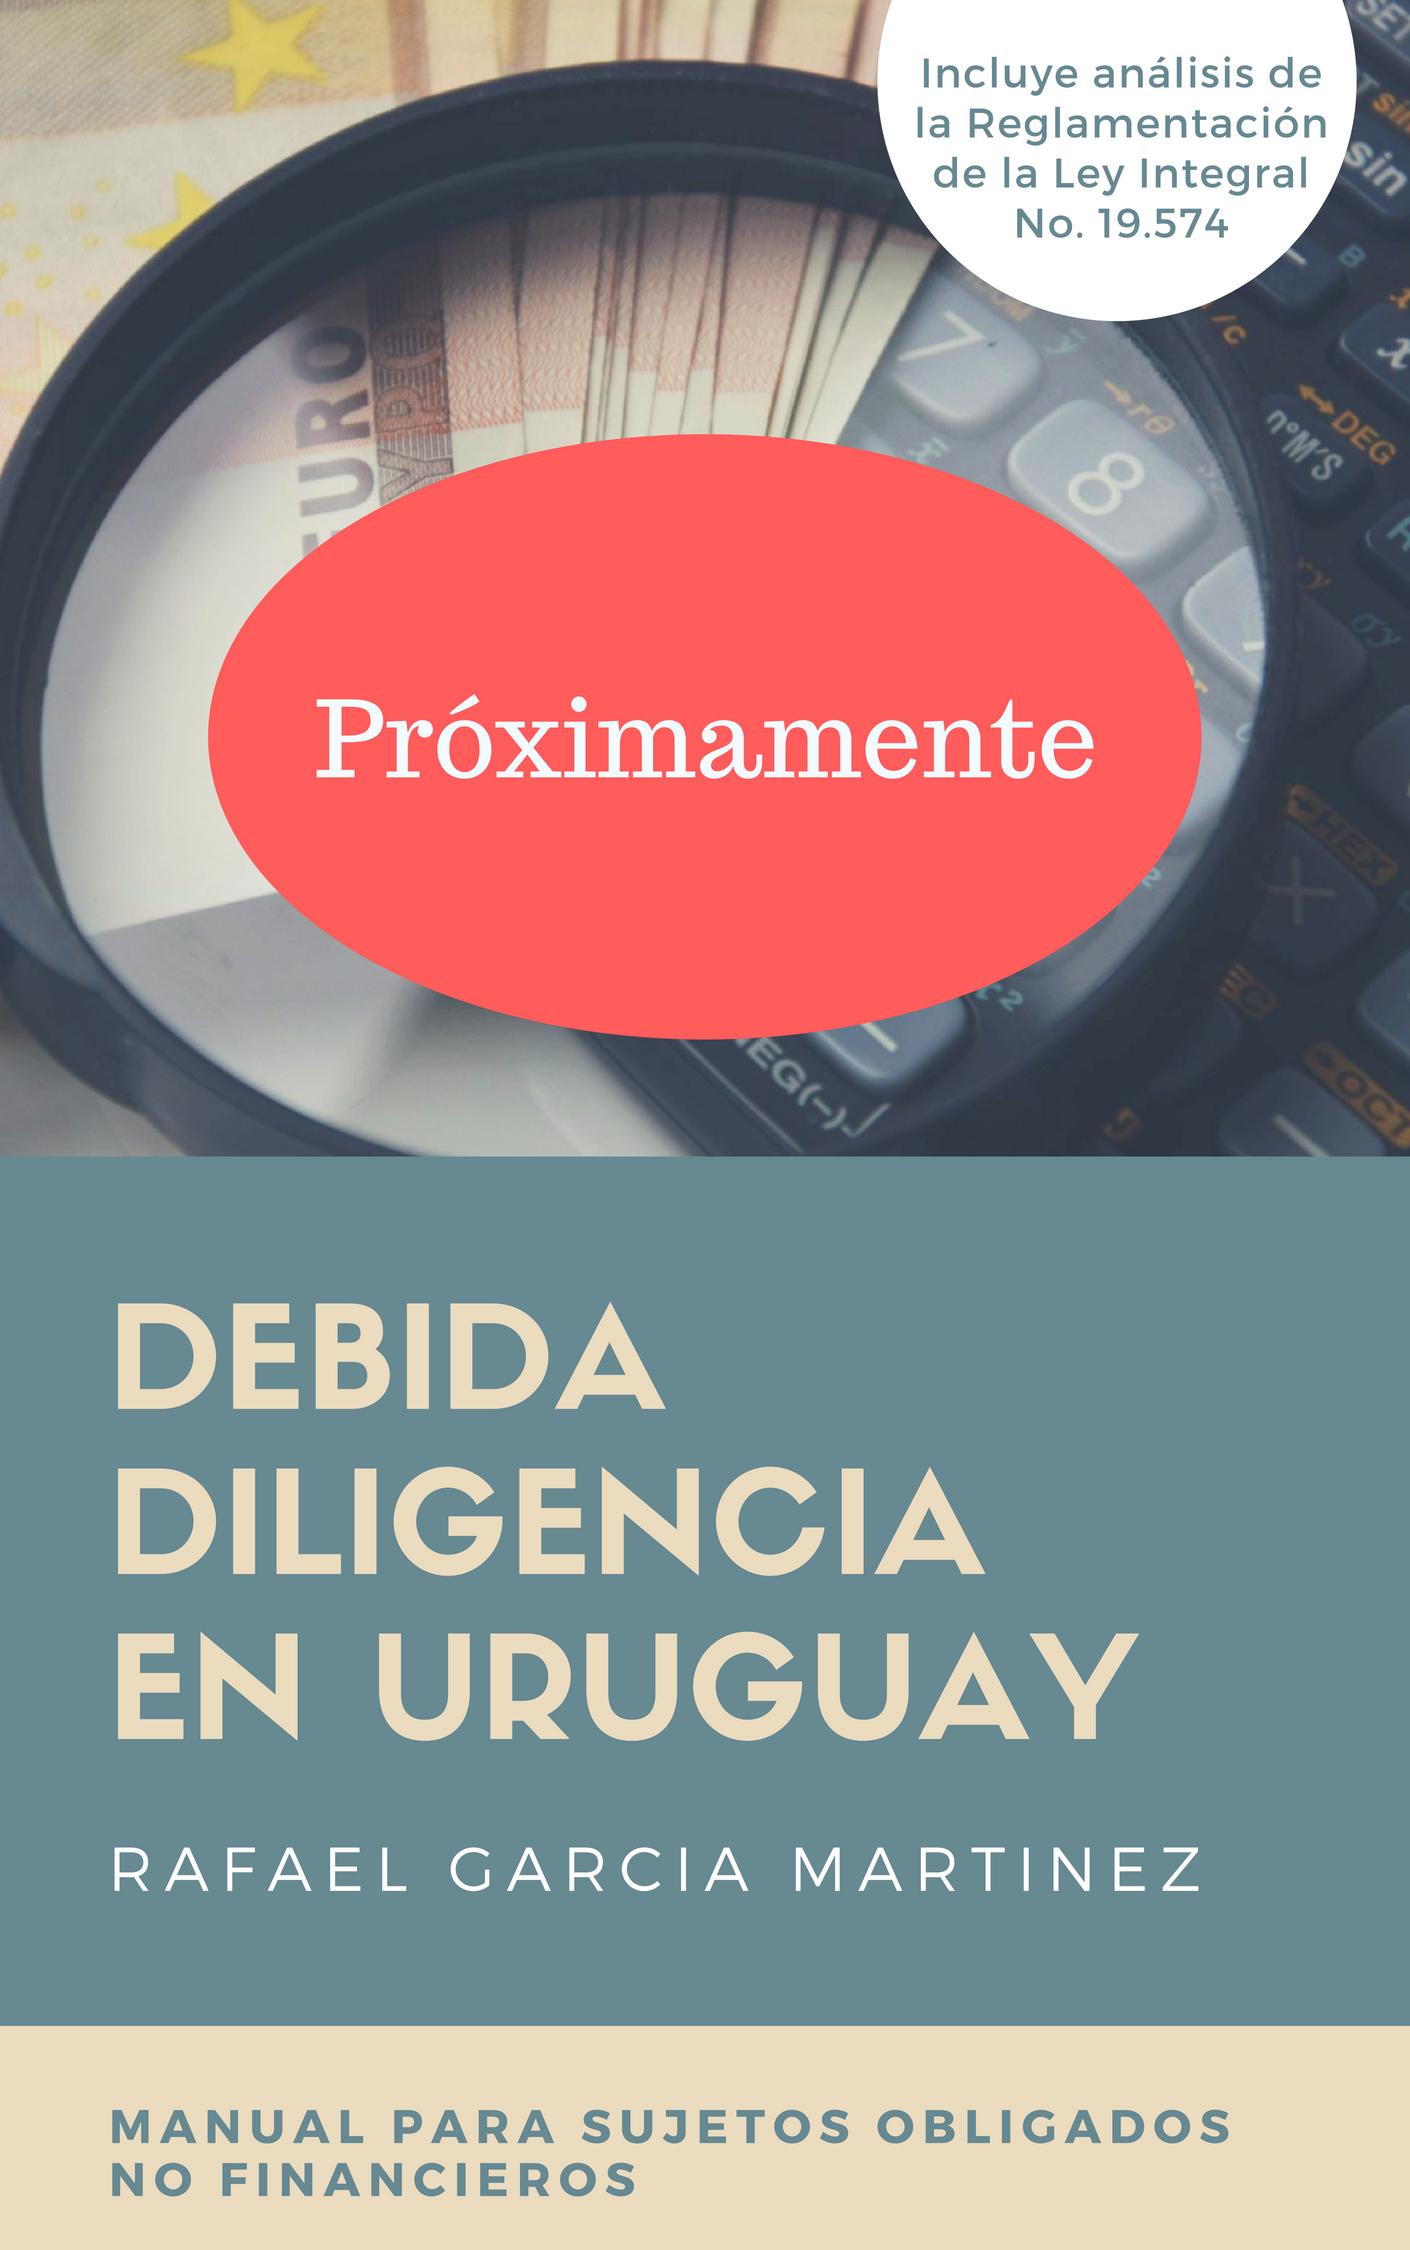 Libro Debida Diligencia en Uruguay